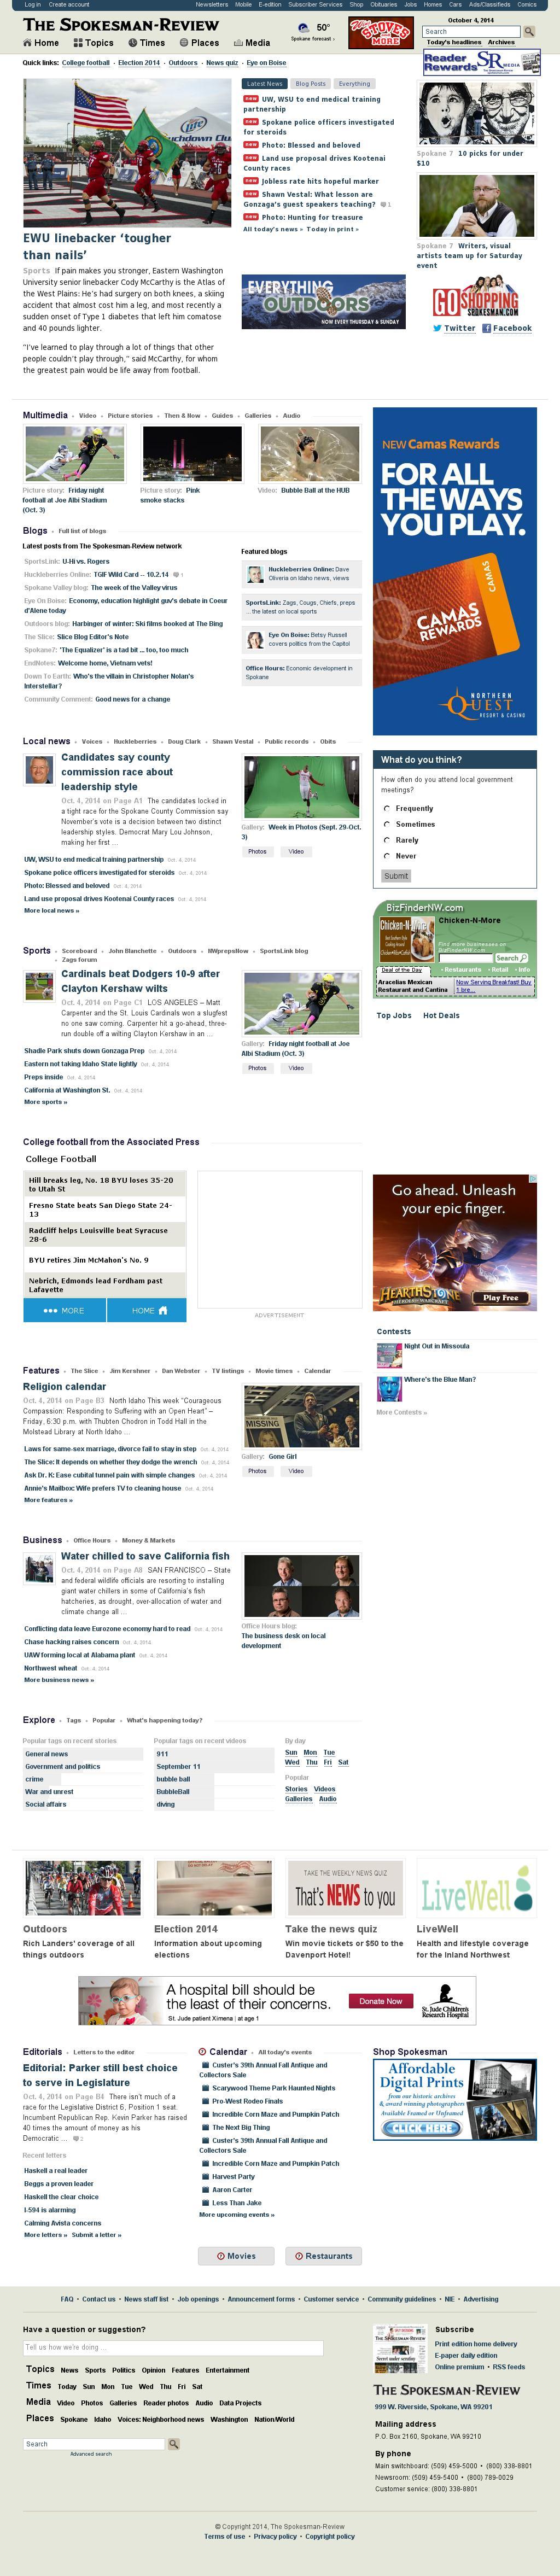 The (Spokane) Spokesman-Review at Saturday Oct. 4, 2014, 9:18 a.m. UTC